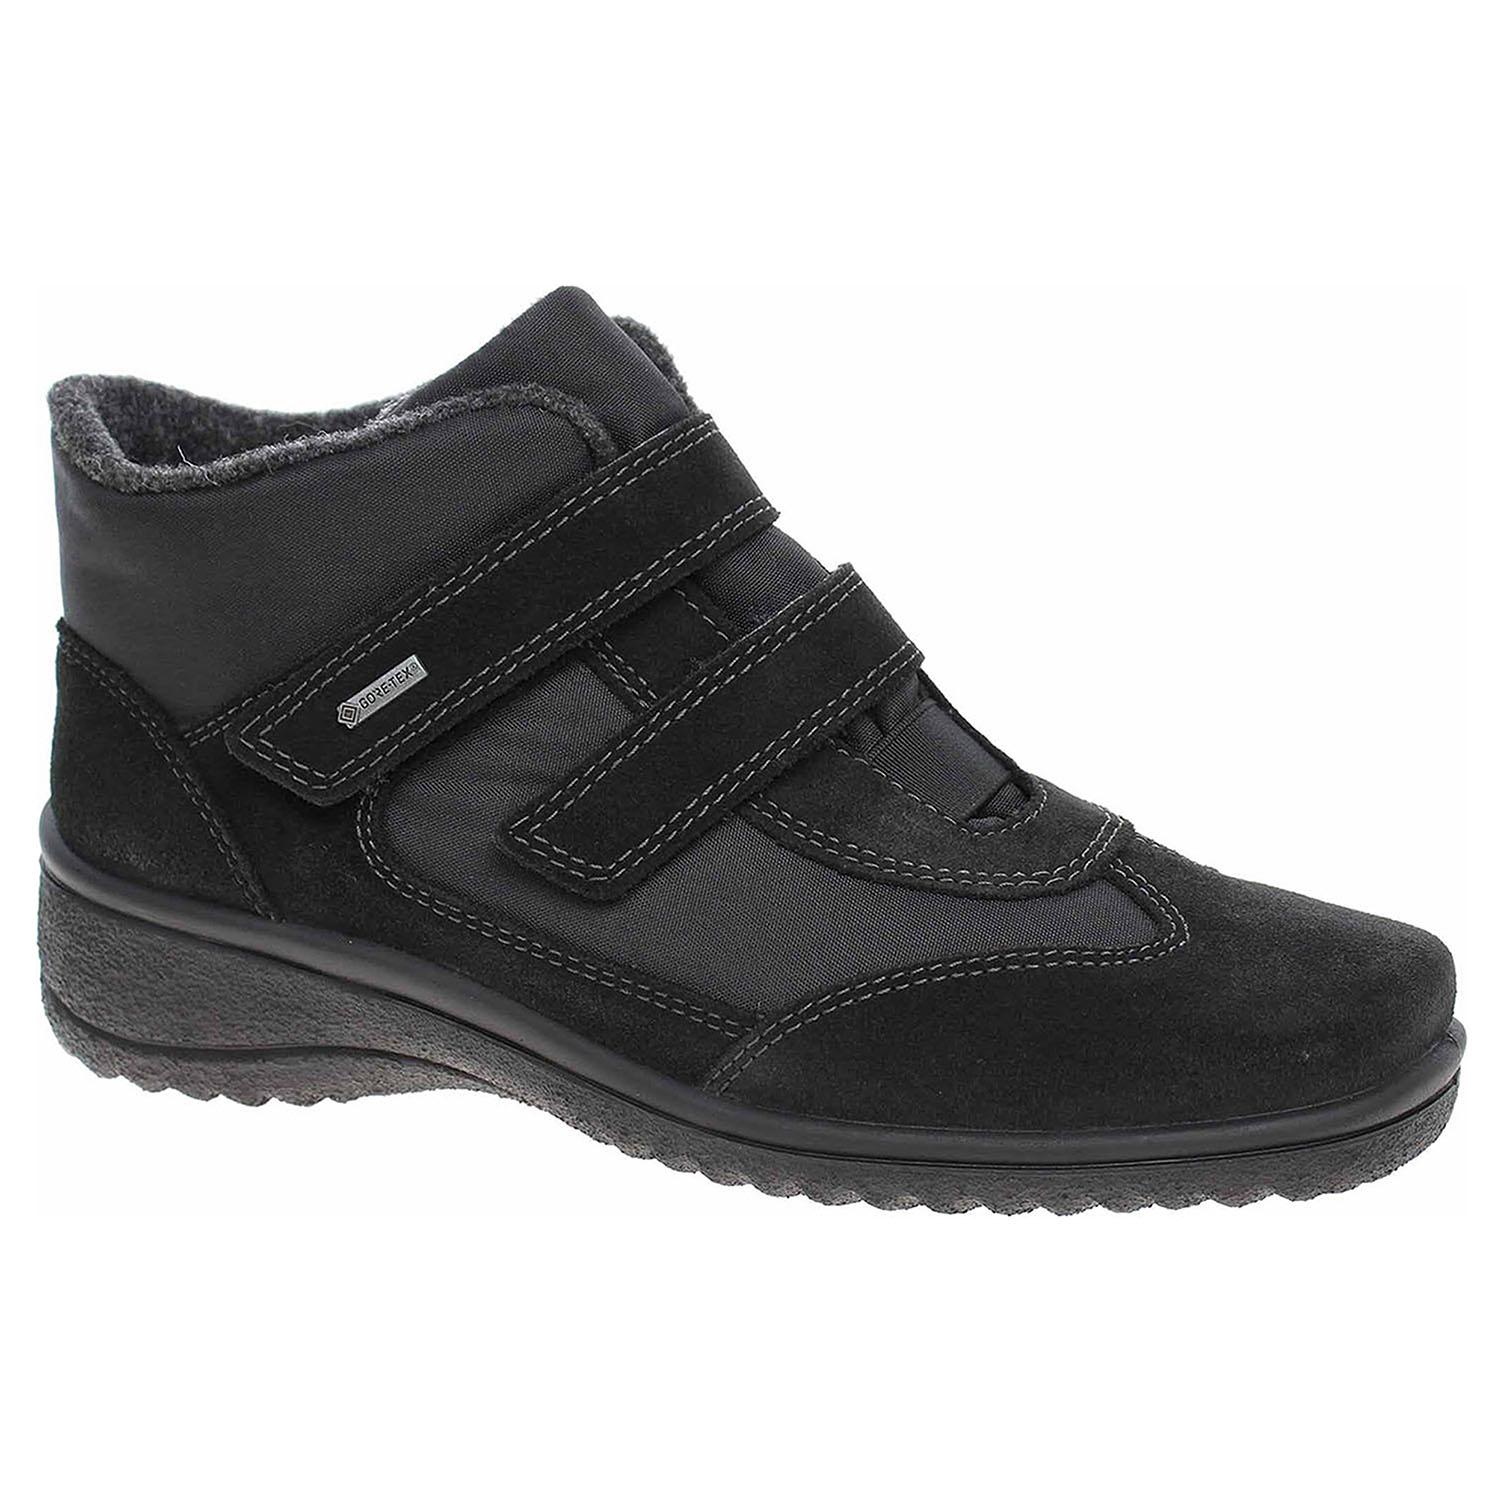 f6dc212236aa7 Dámska členkové topánky Ara 48518-61 schwarz   REJNOK obuv